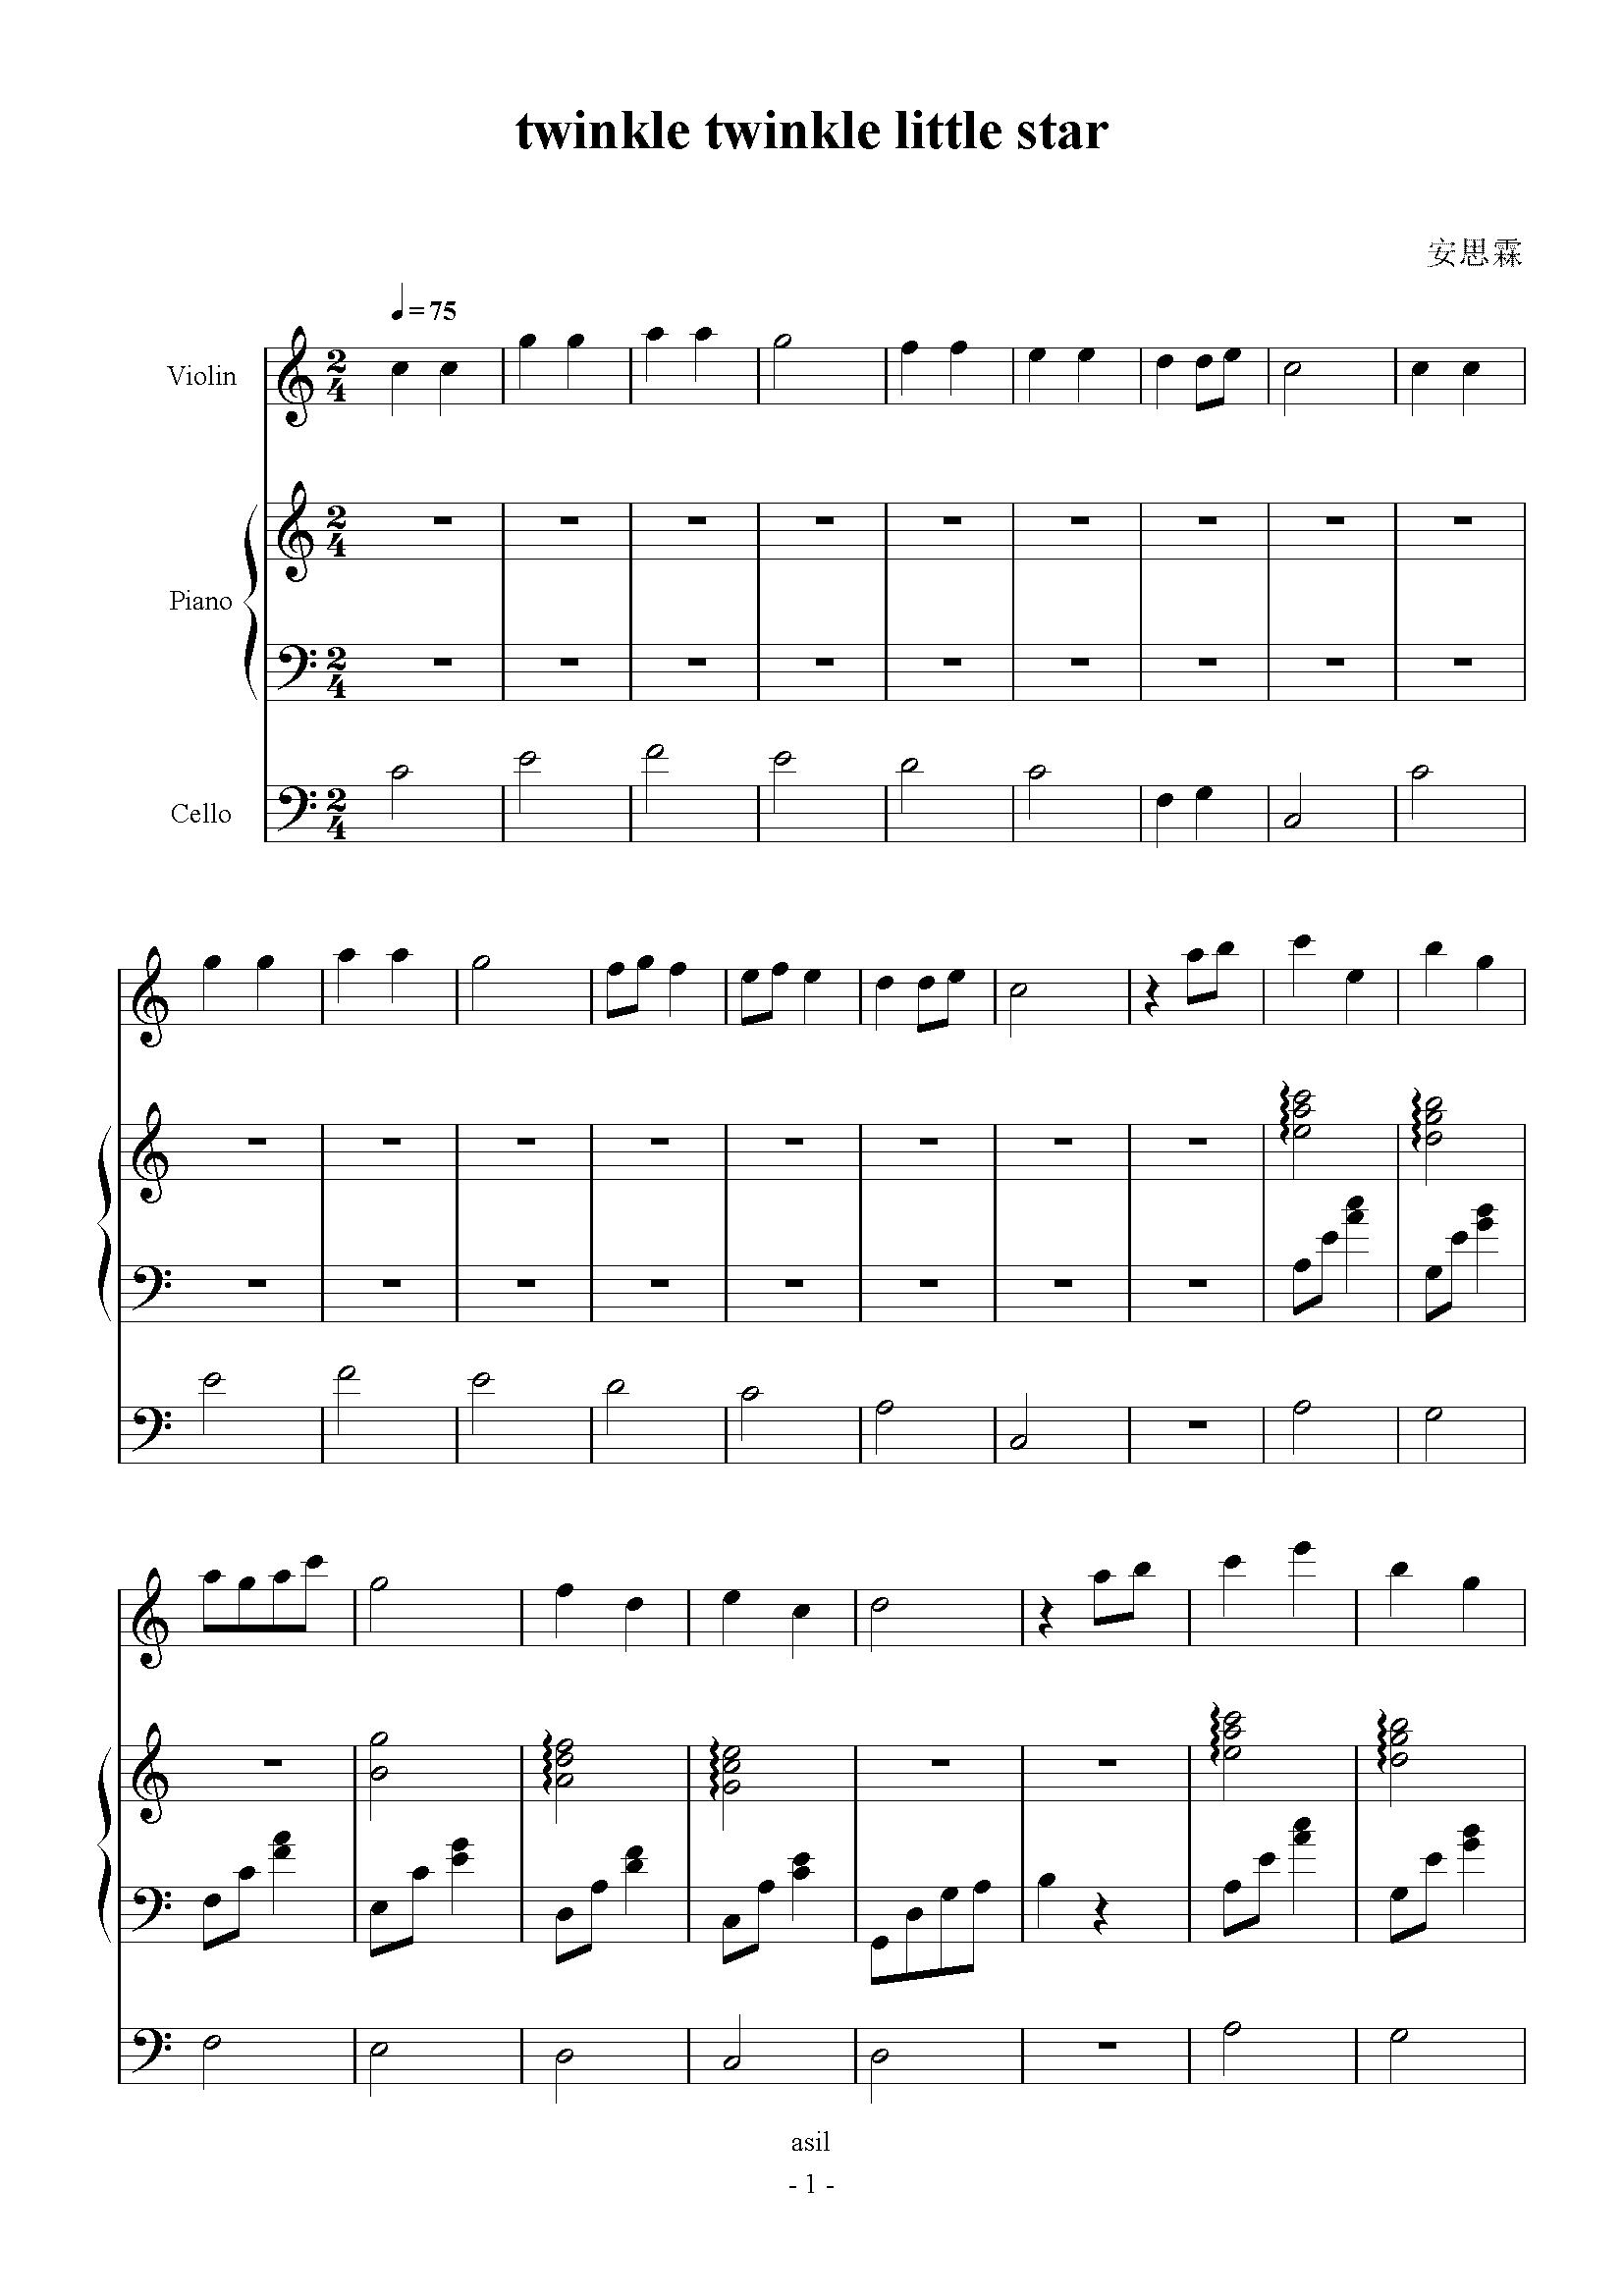 小星星(小提琴三声部版)钢琴谱-莫扎特-虫虫钢琴谱图片